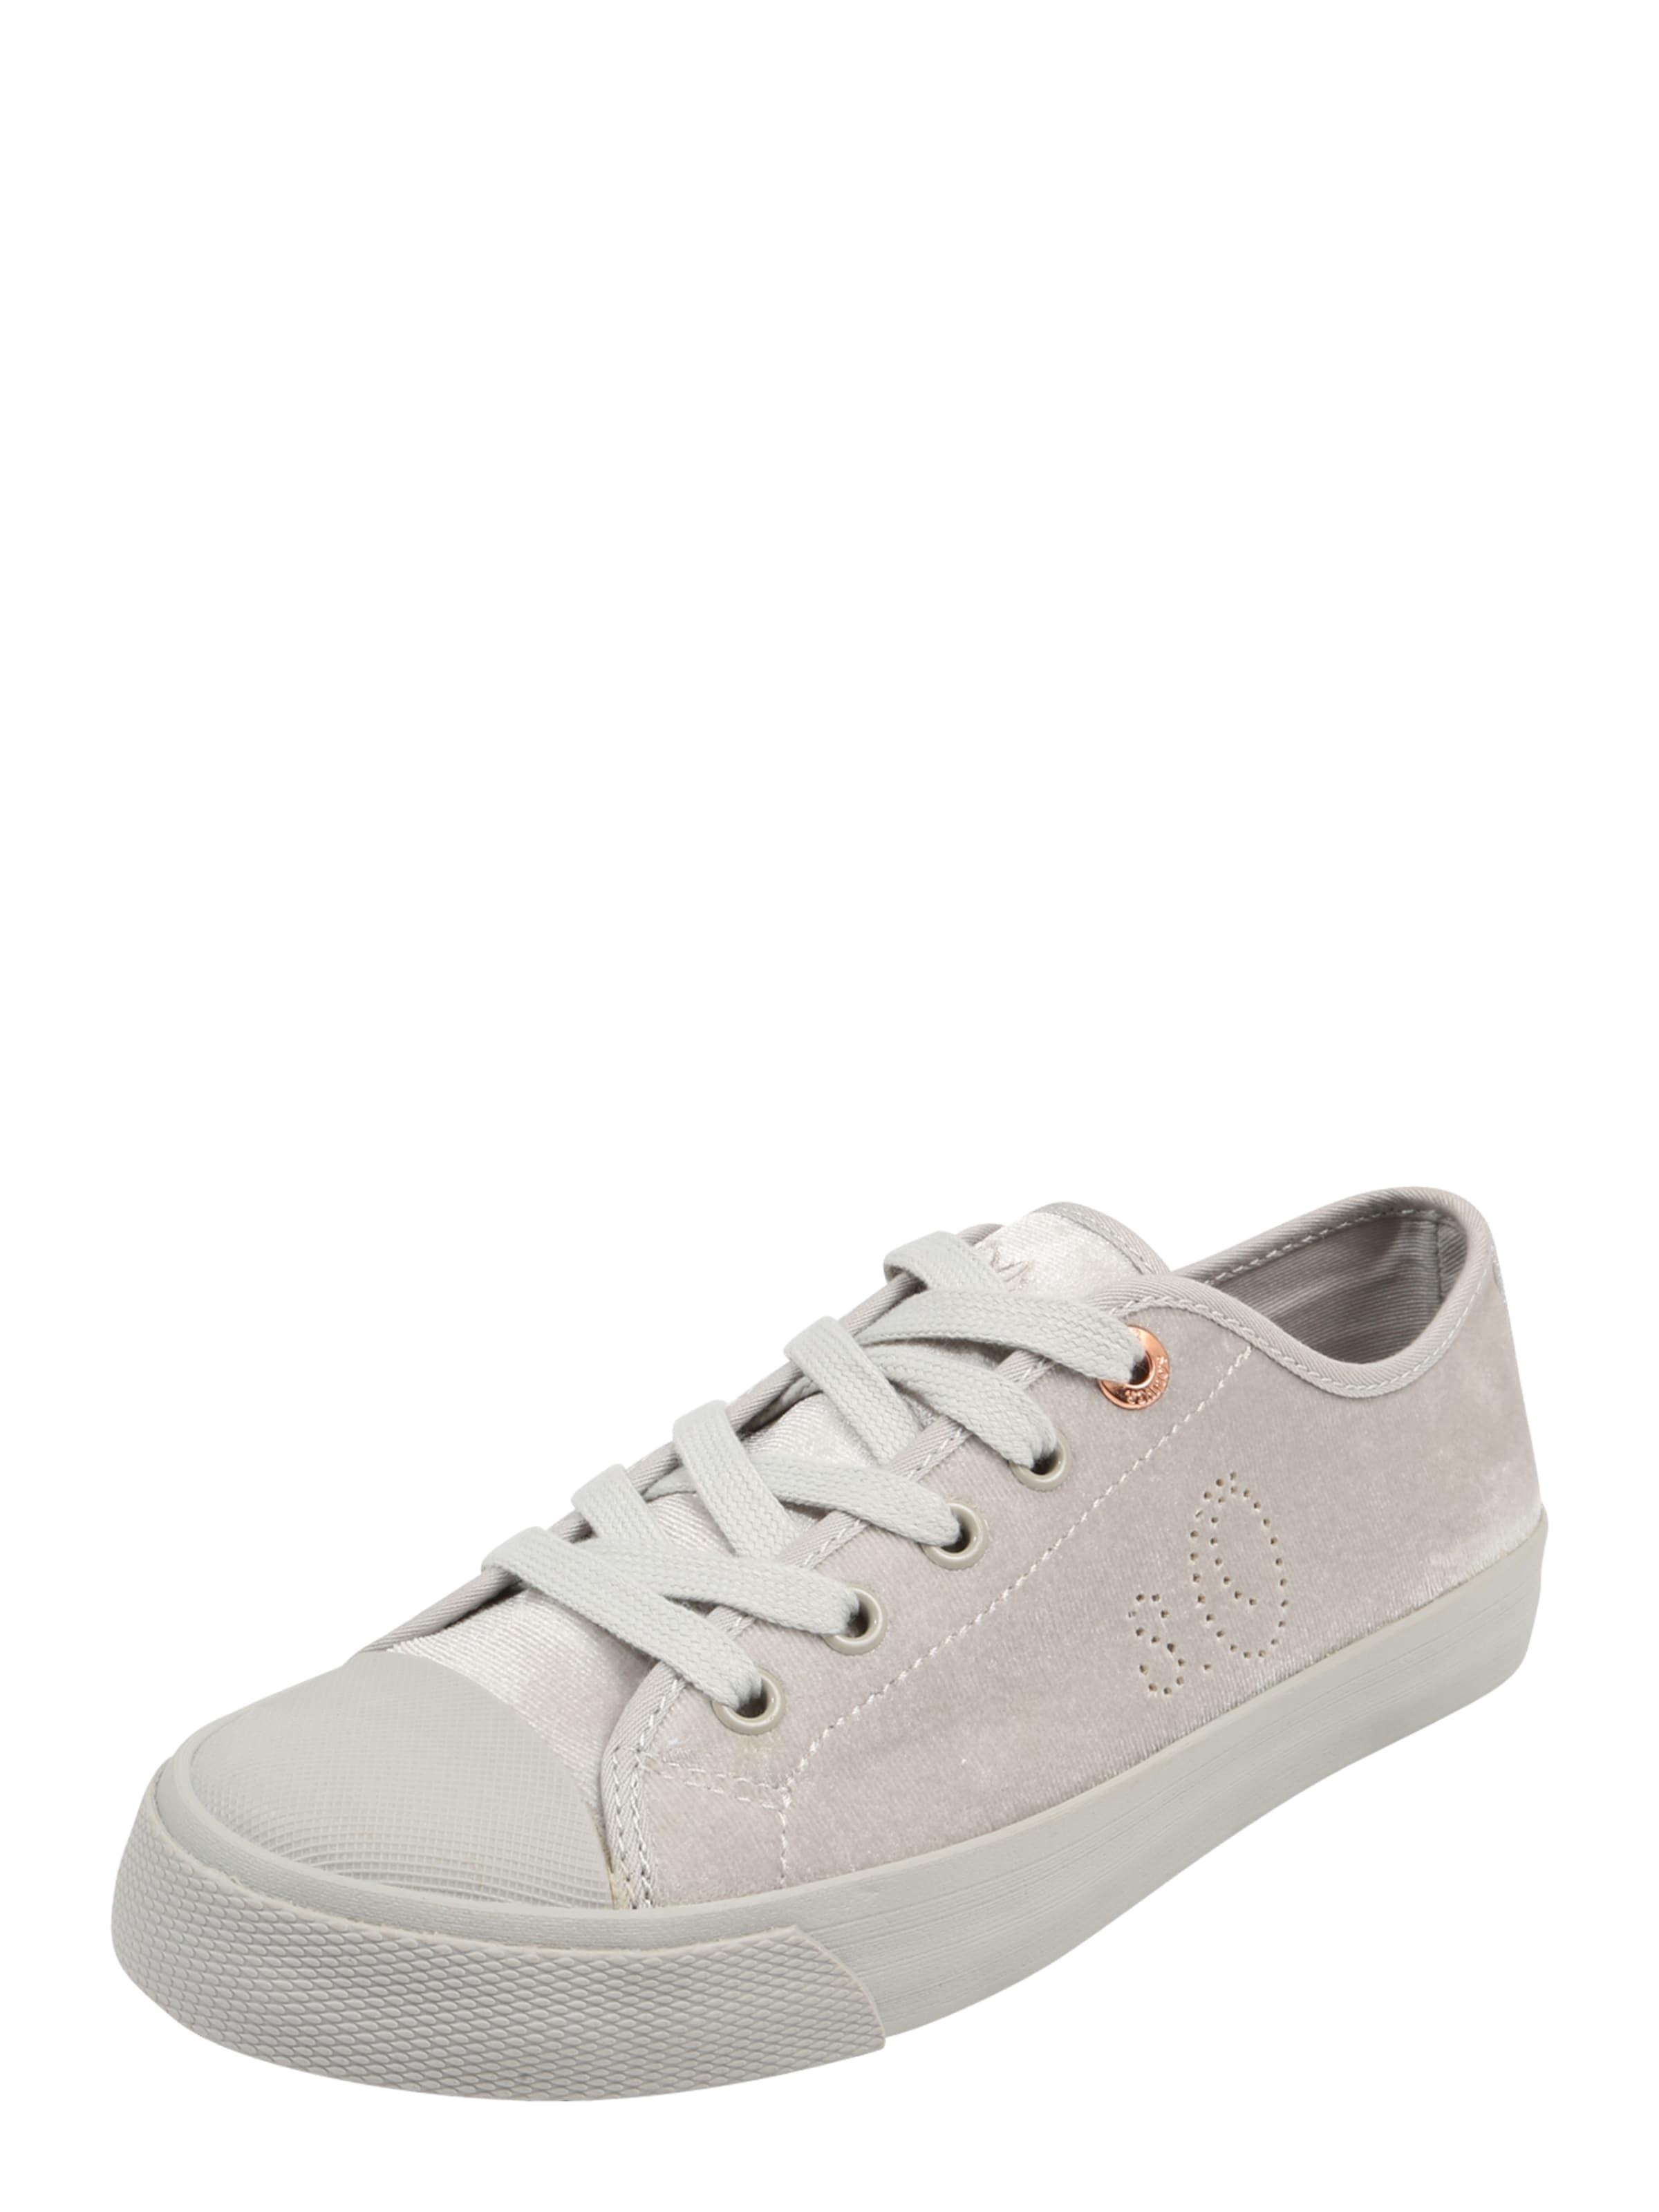 s.Oliver RED LABEL Sneaker im Samt-Look